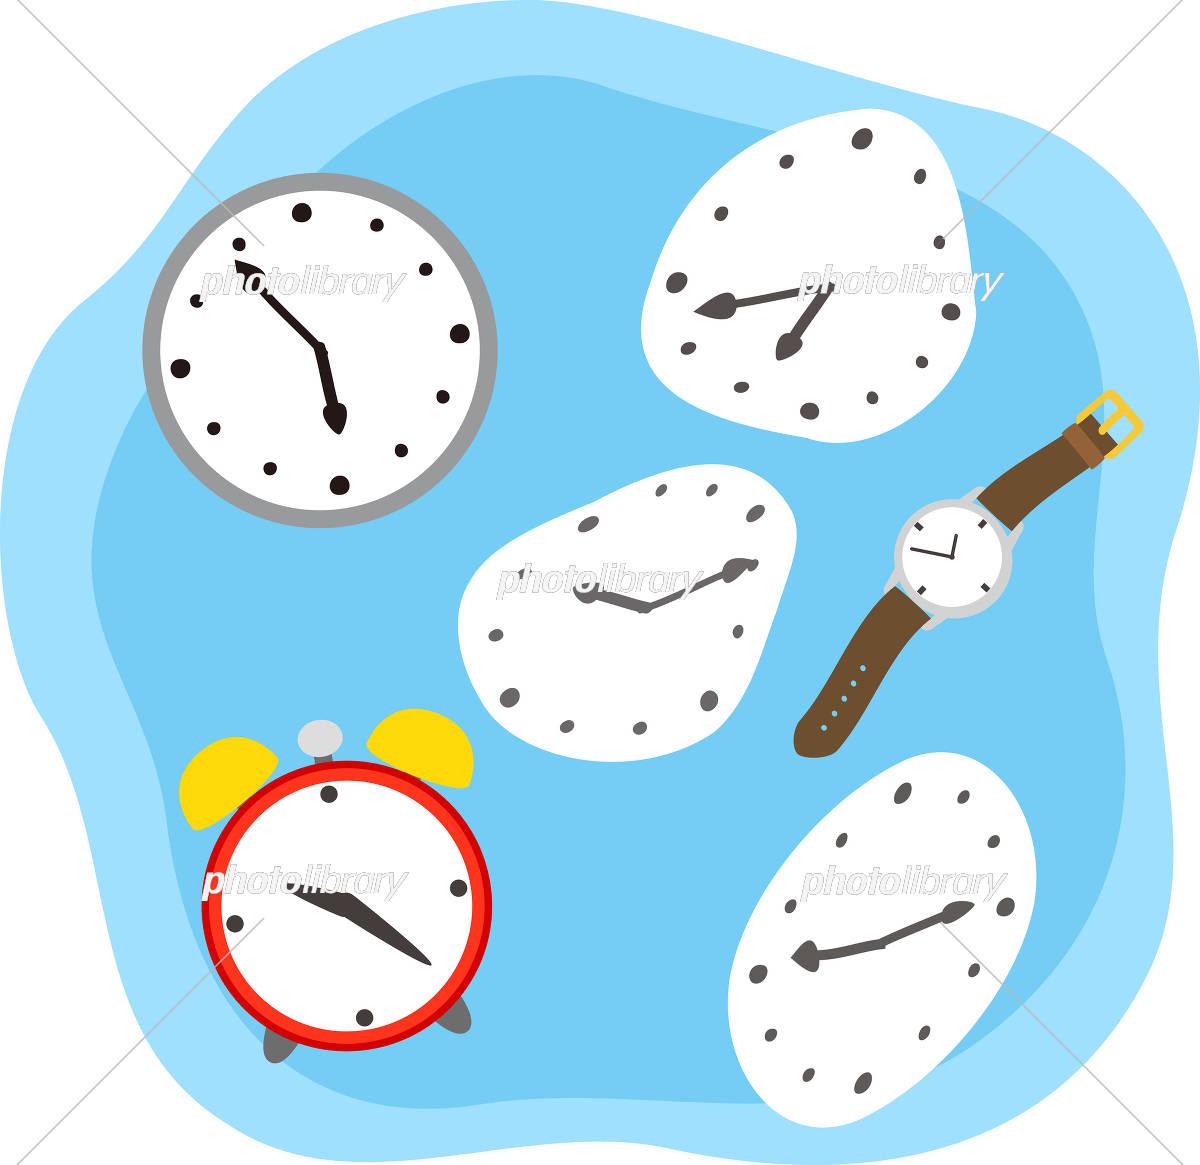 時計と時間のイメージ イラスト素材 [ 5512081 ] - フォトライブラリー photolibrary